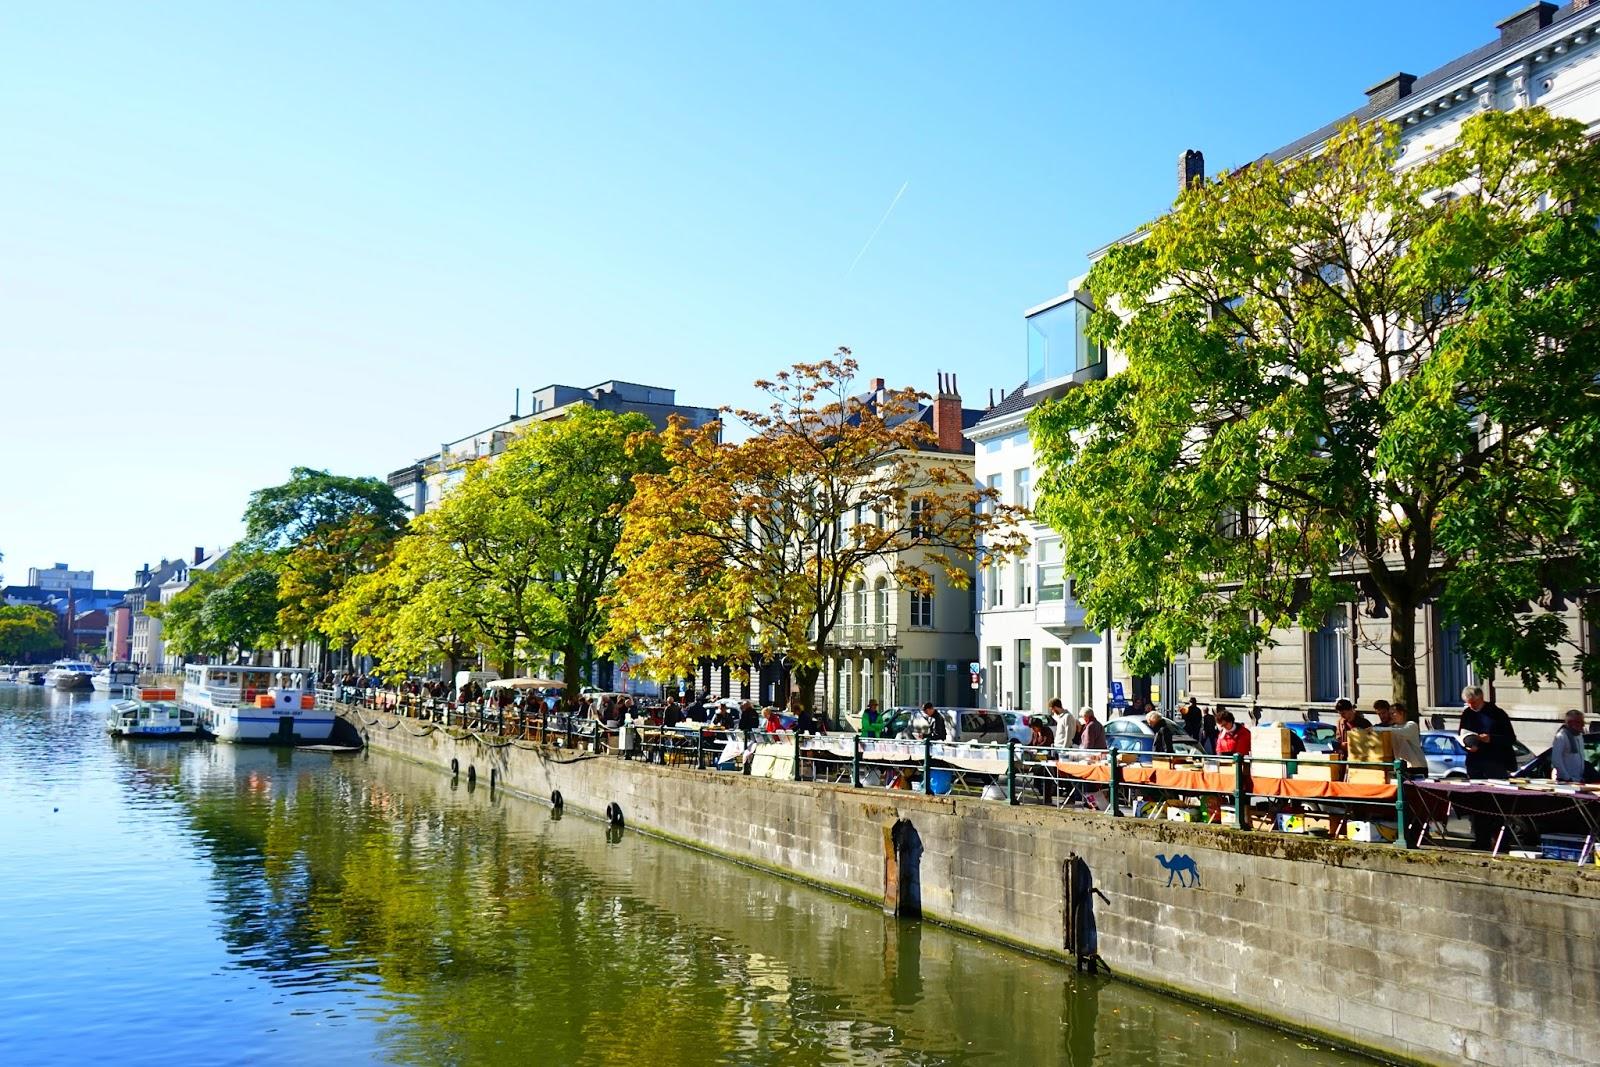 Le Chameau Bleu  - Canaux de Gand Belgique - Week end à Gand